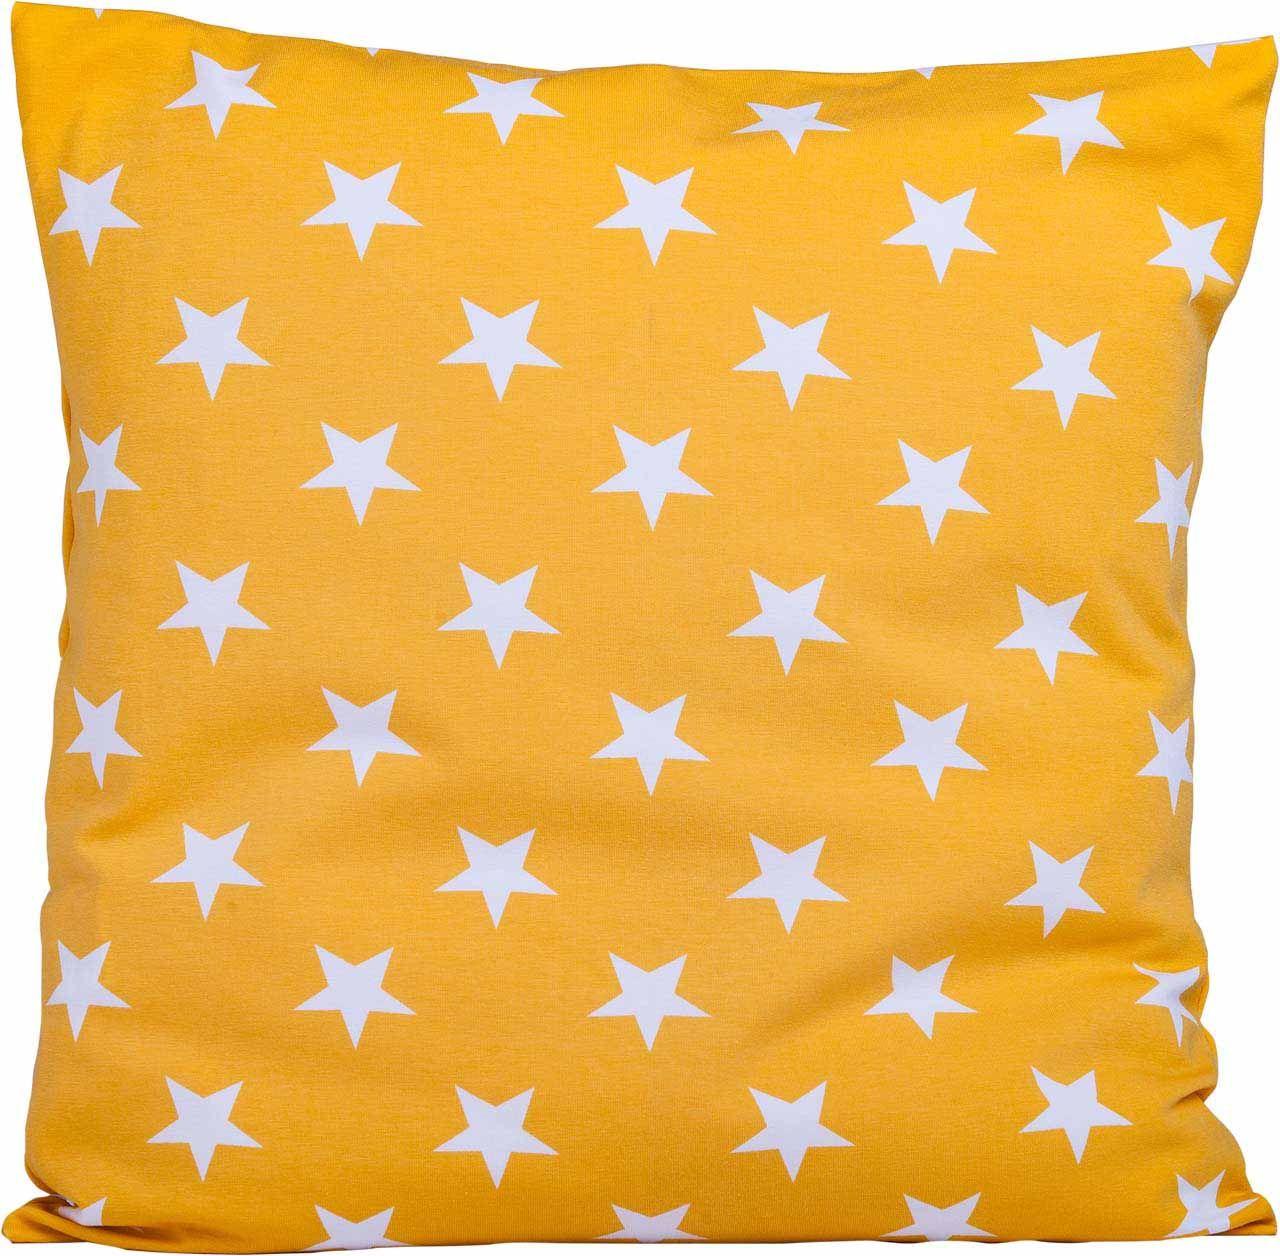 Sternenhimmel weiß/gelb - ein Traum  Stoffart: Jersey  Größe: 40cm x 40 cm